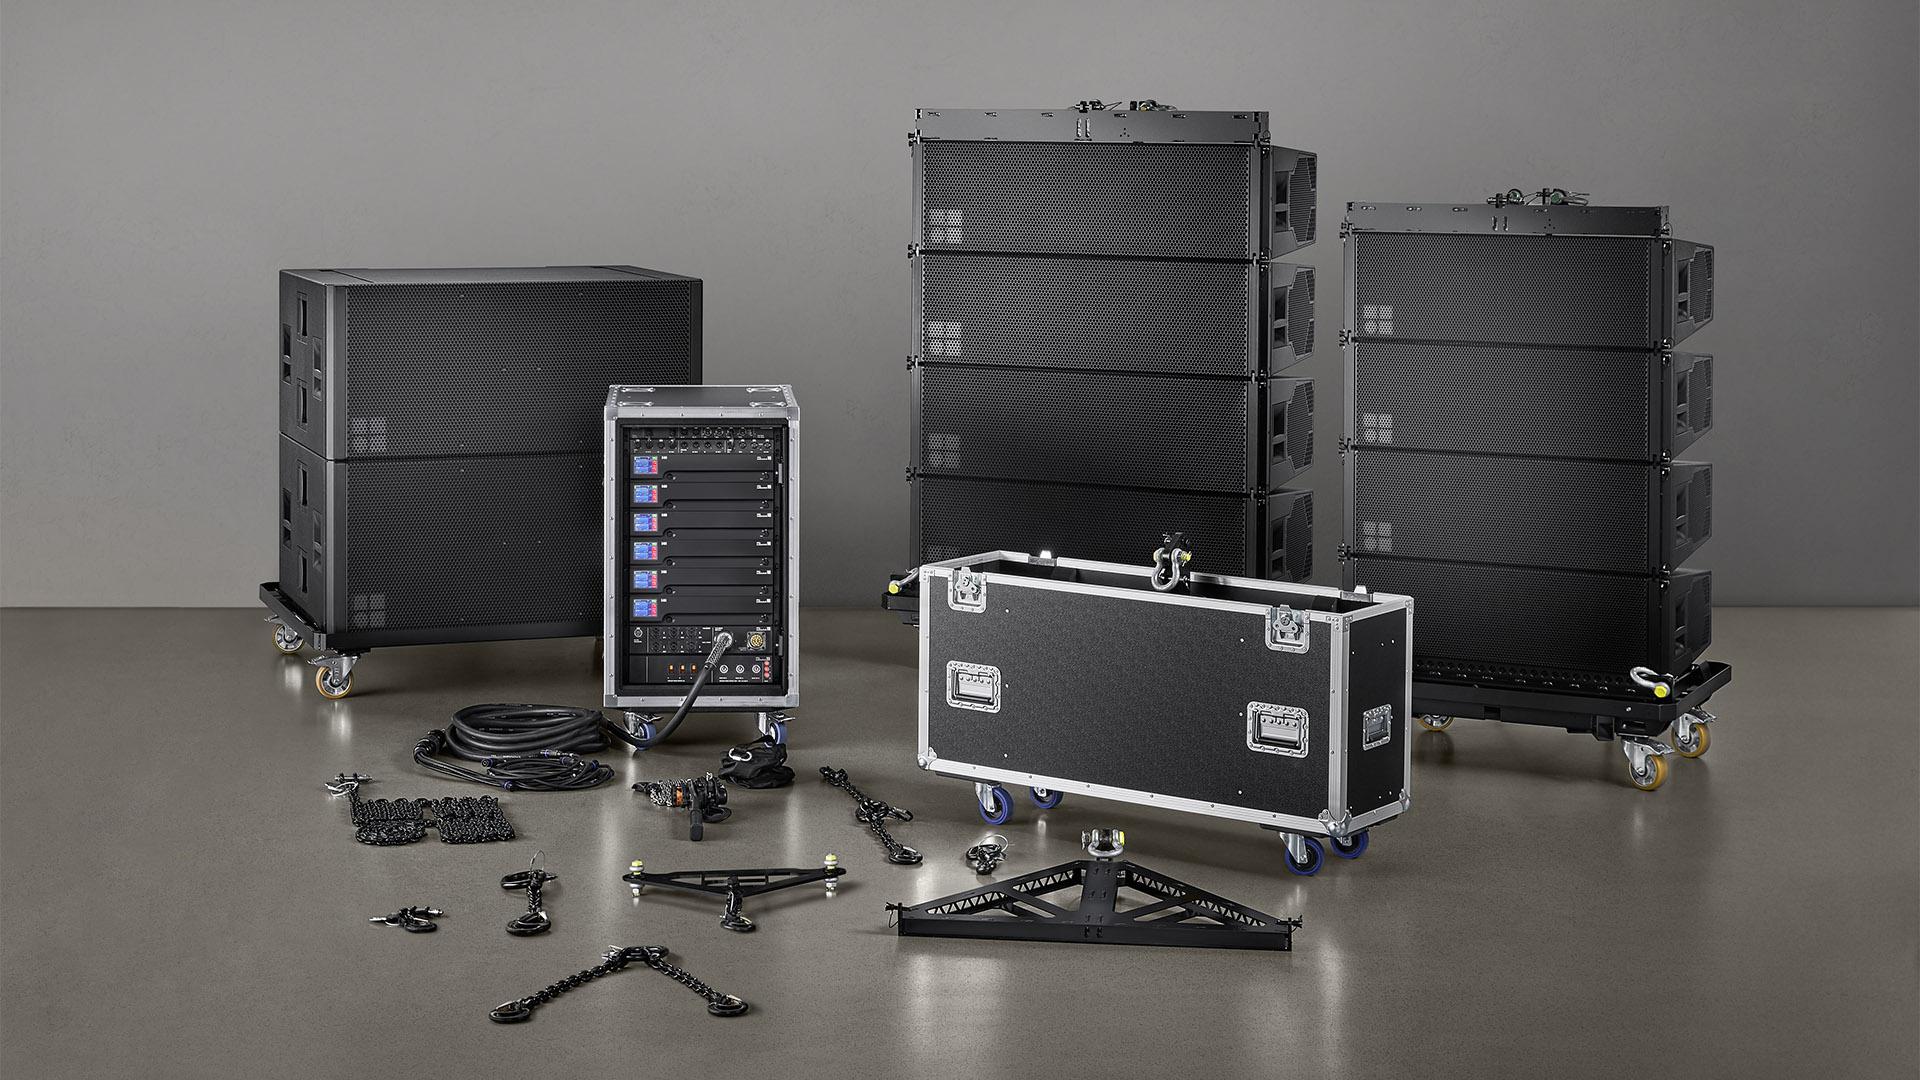 d&b audiotechnik SL-Series family